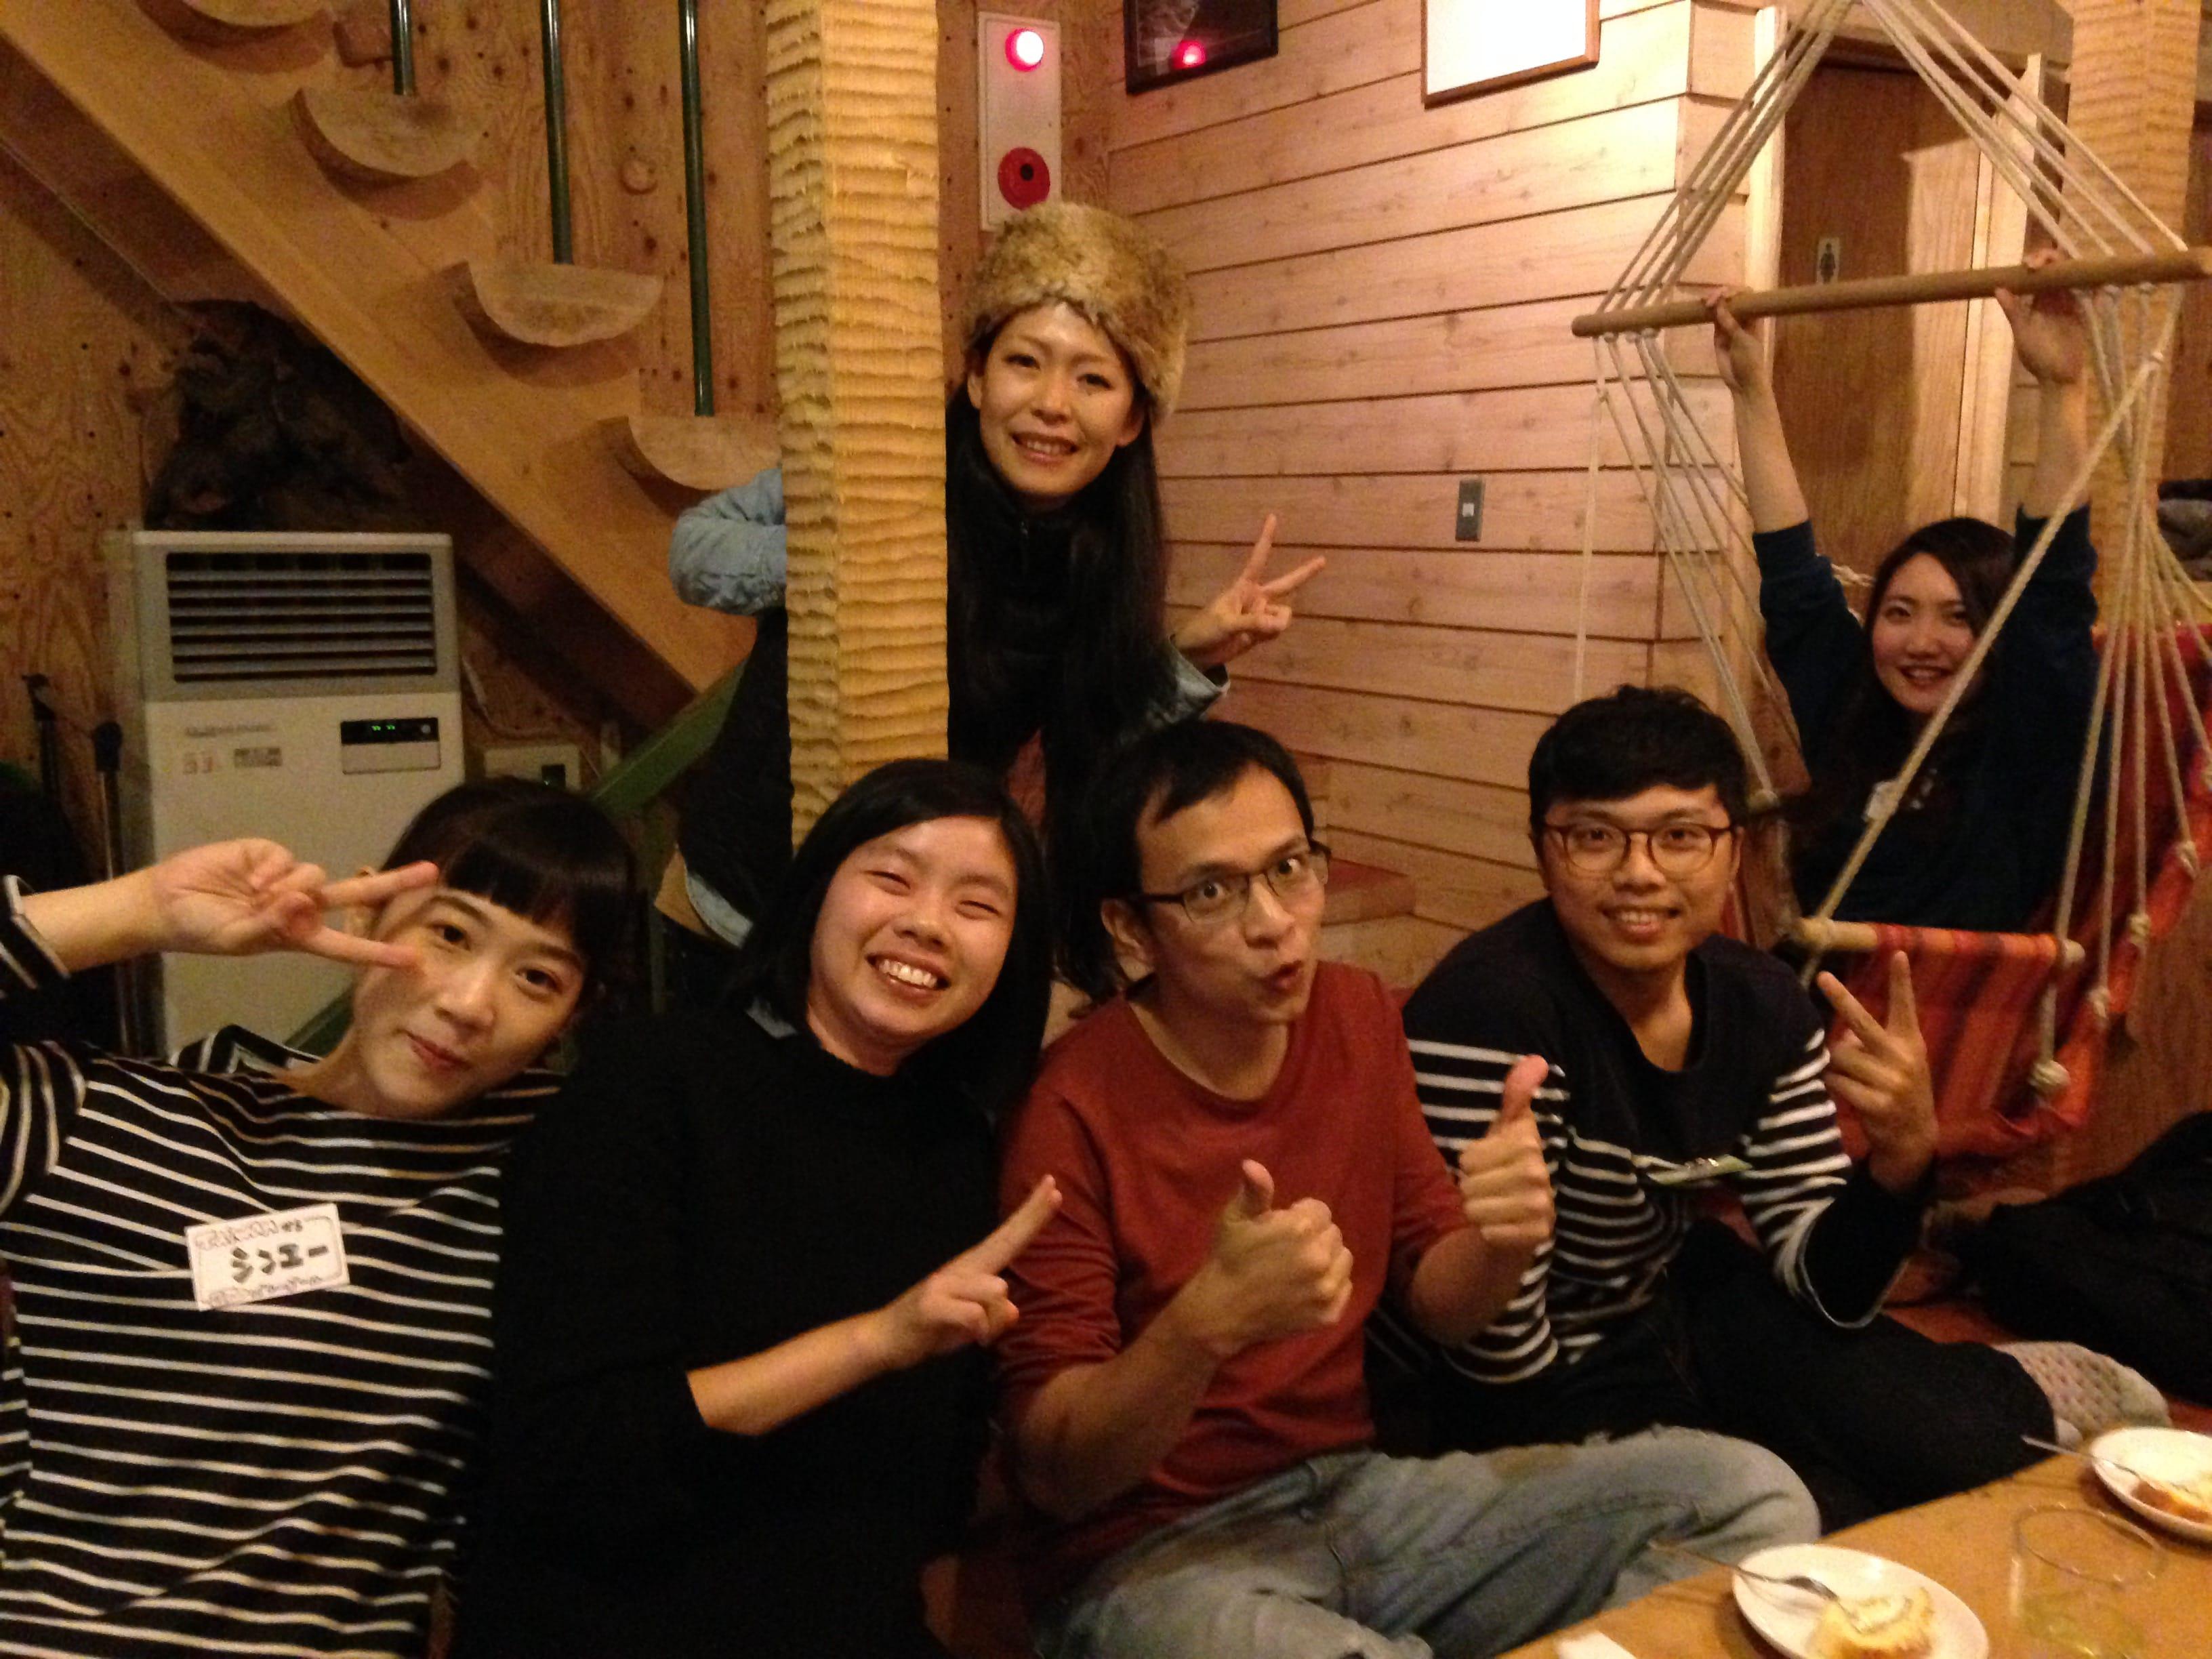 |北海道|ゲストハウス|そうだ北へ行こう!札幌で都会の山小屋生活。